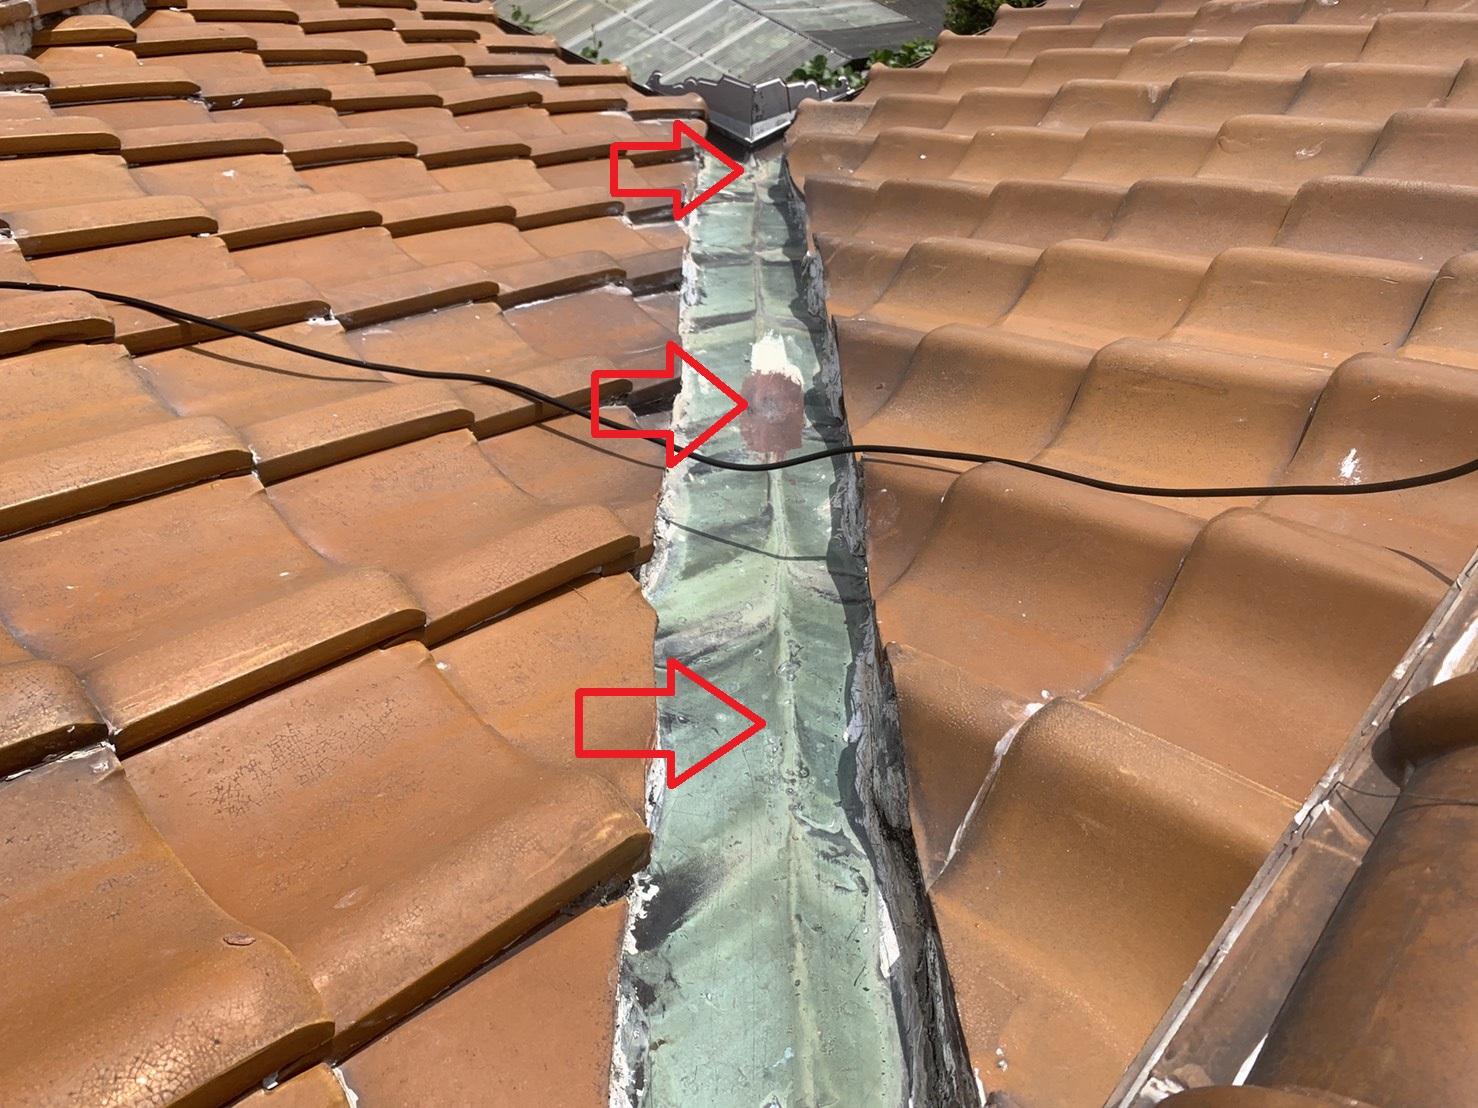 神戸市西区の瓦屋根調査で銅板の谷板を考察